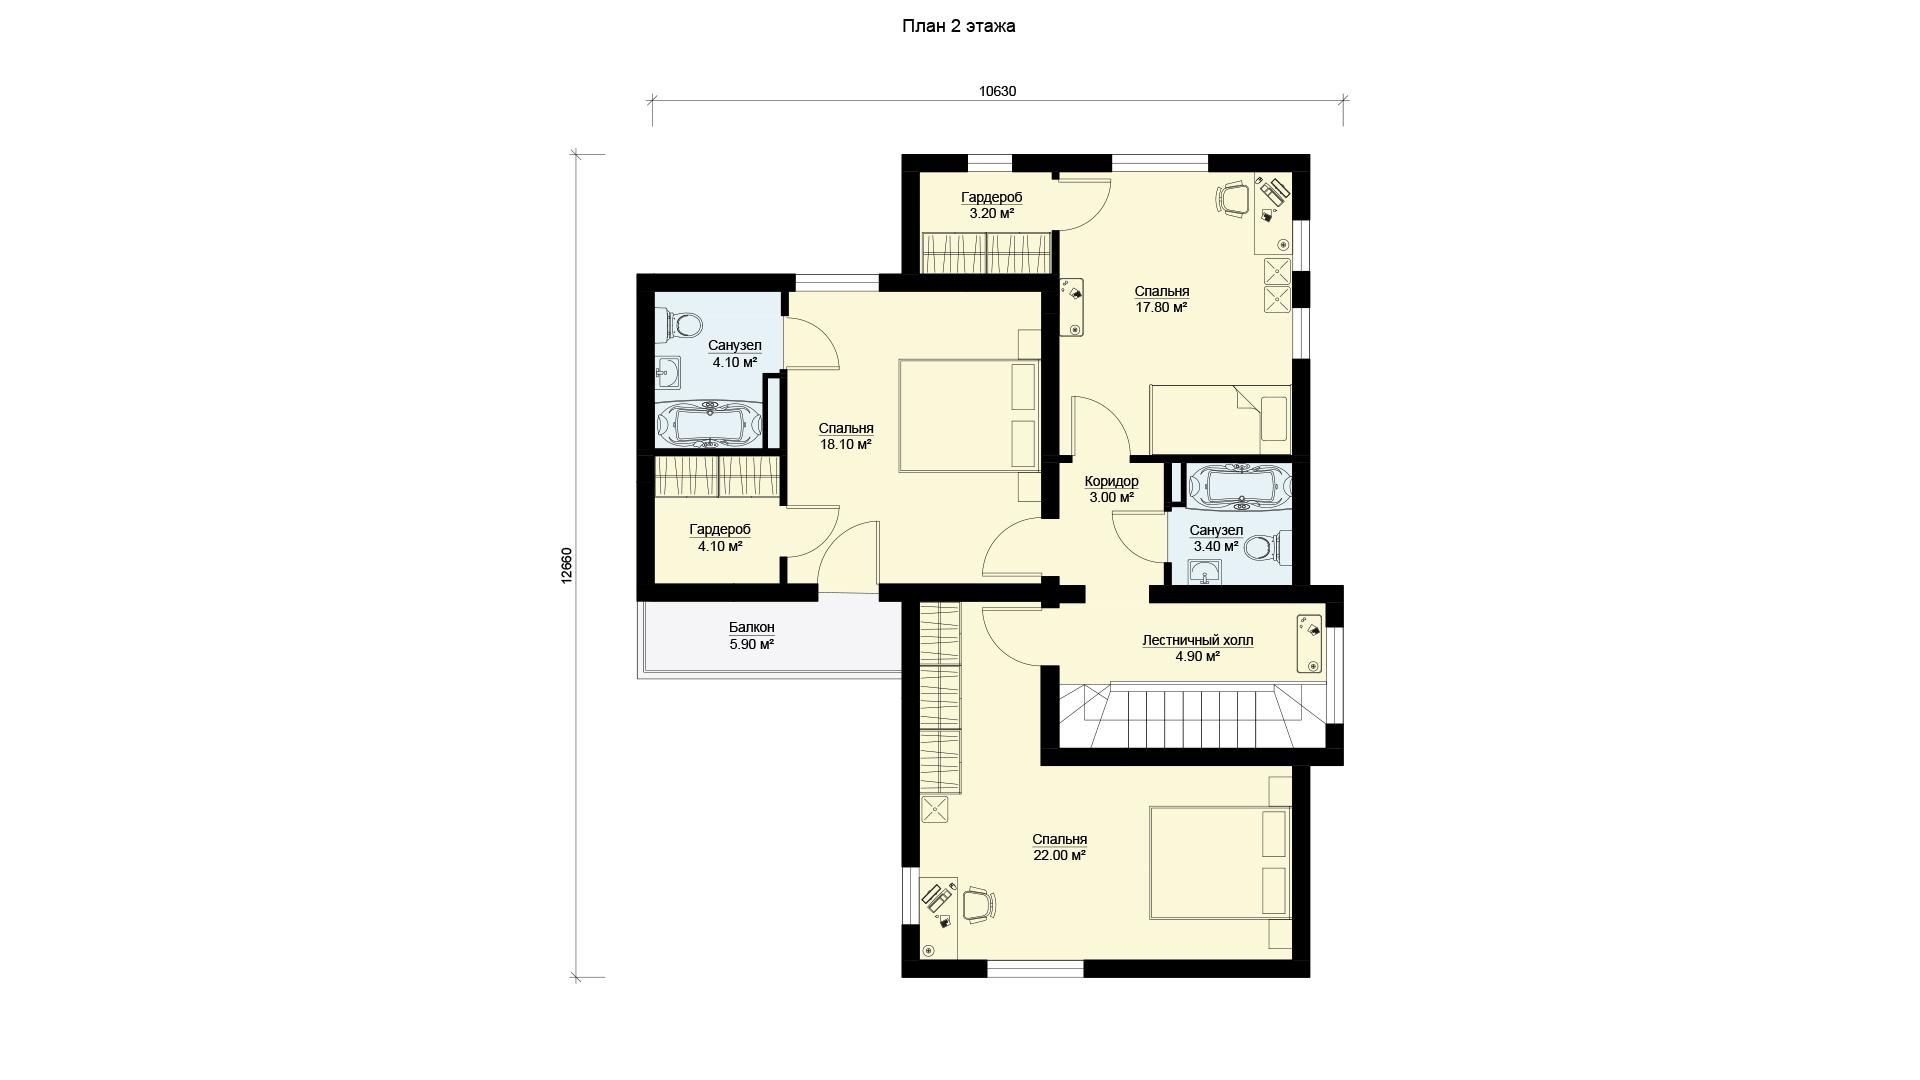 План второго этажа двухэтажного дома с террасой и балконом, проект БЭНПАН МС-238.